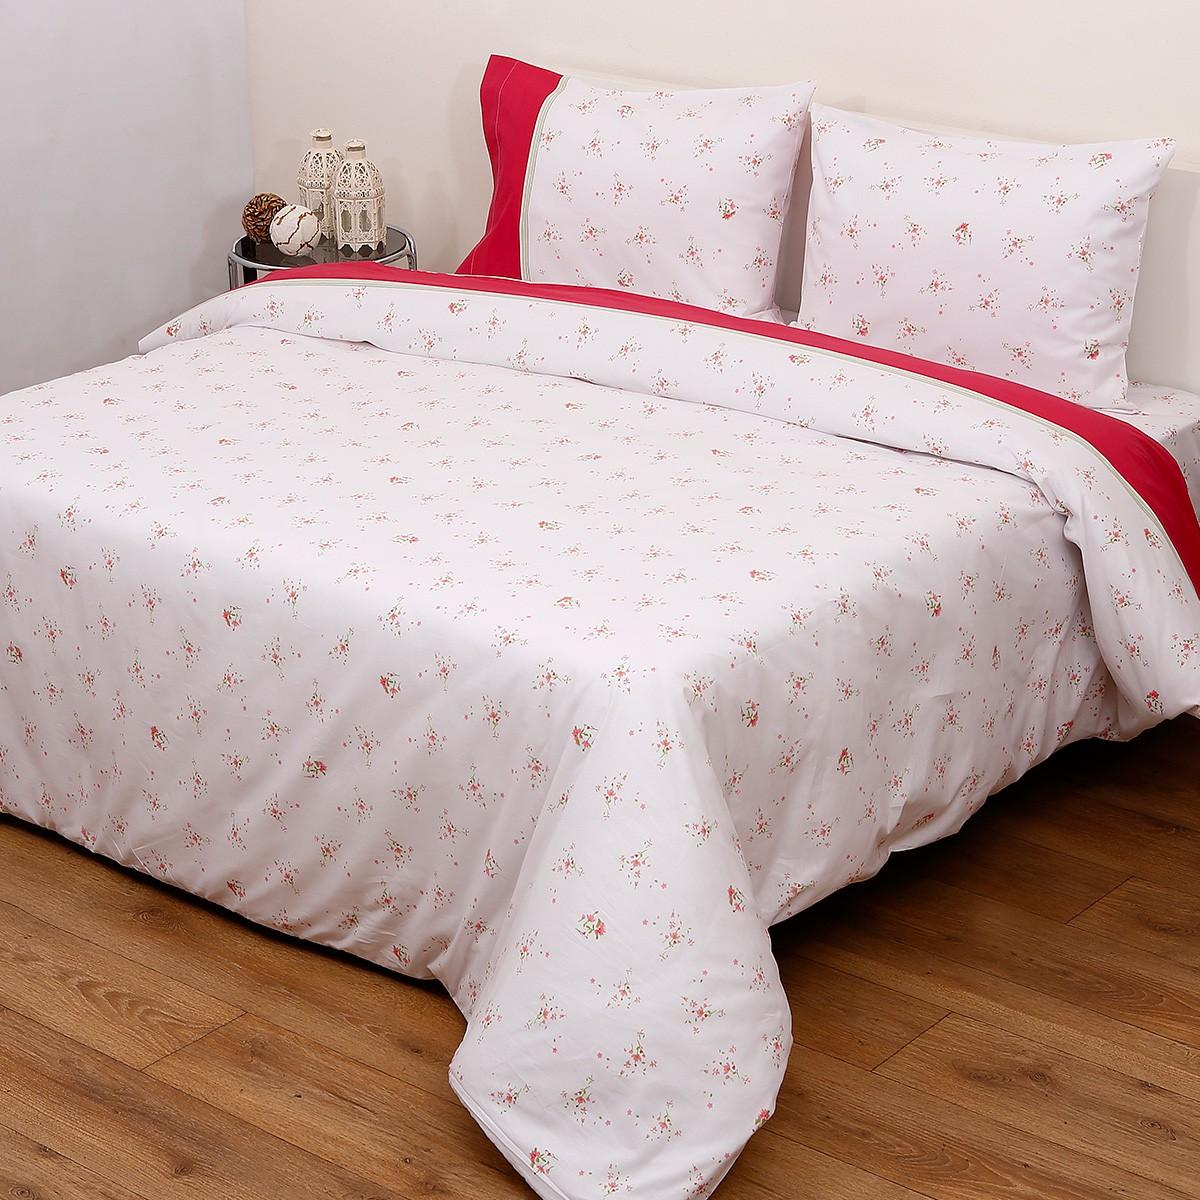 Κουβερλί Μονό (Σετ) Viopros Fresh Μιλένα home   κρεβατοκάμαρα   κουβερλί   κουβερλί μονά